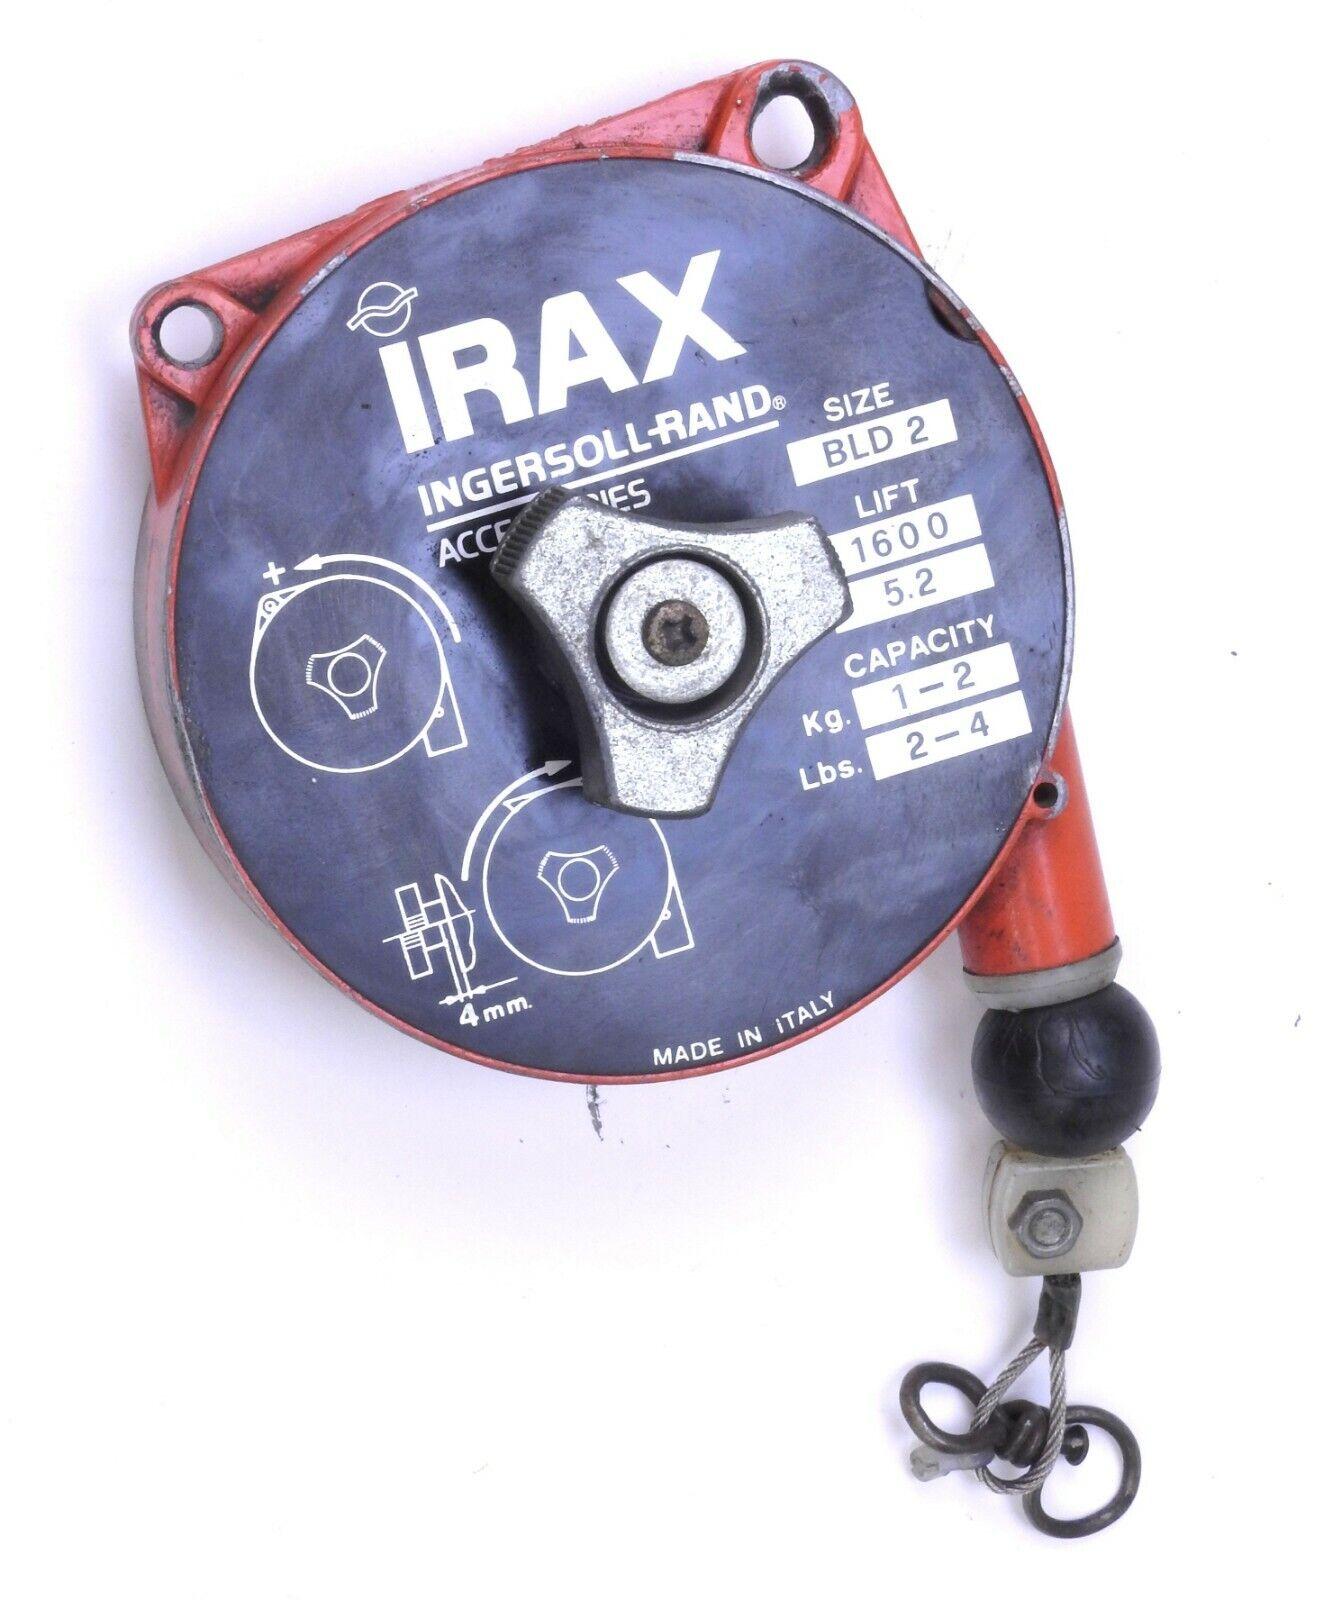 Ingersoll Rand IRAX BLD2